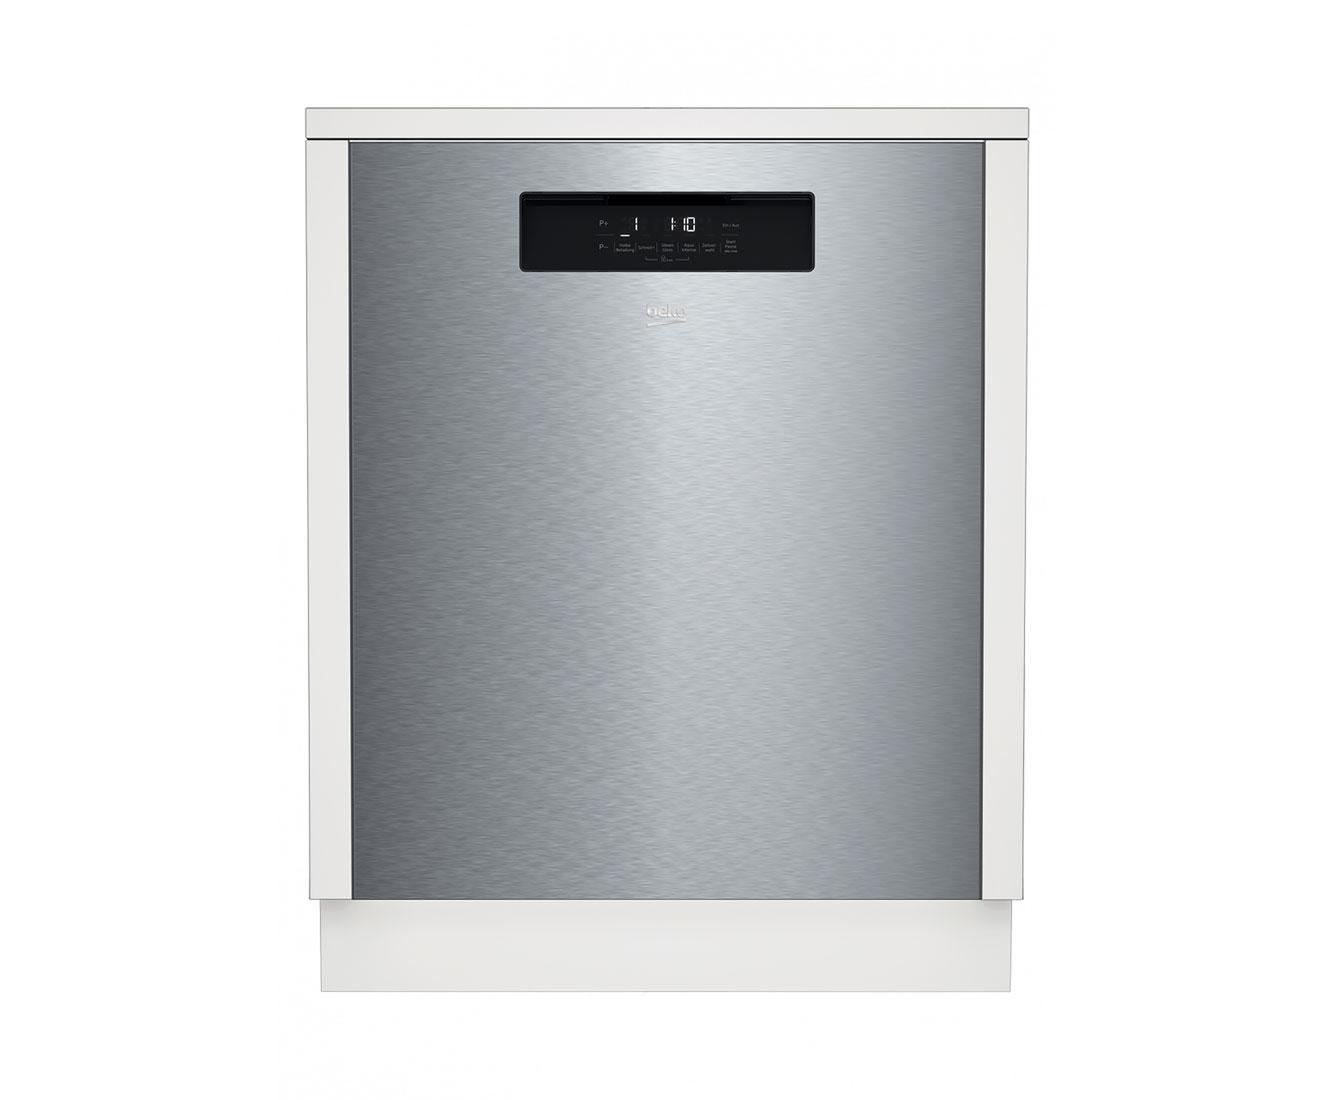 Bomann Kühlschrank Wasserablauf : Kochtopf 20 cm 5 liter preisvergleich u2022 die besten angebote online